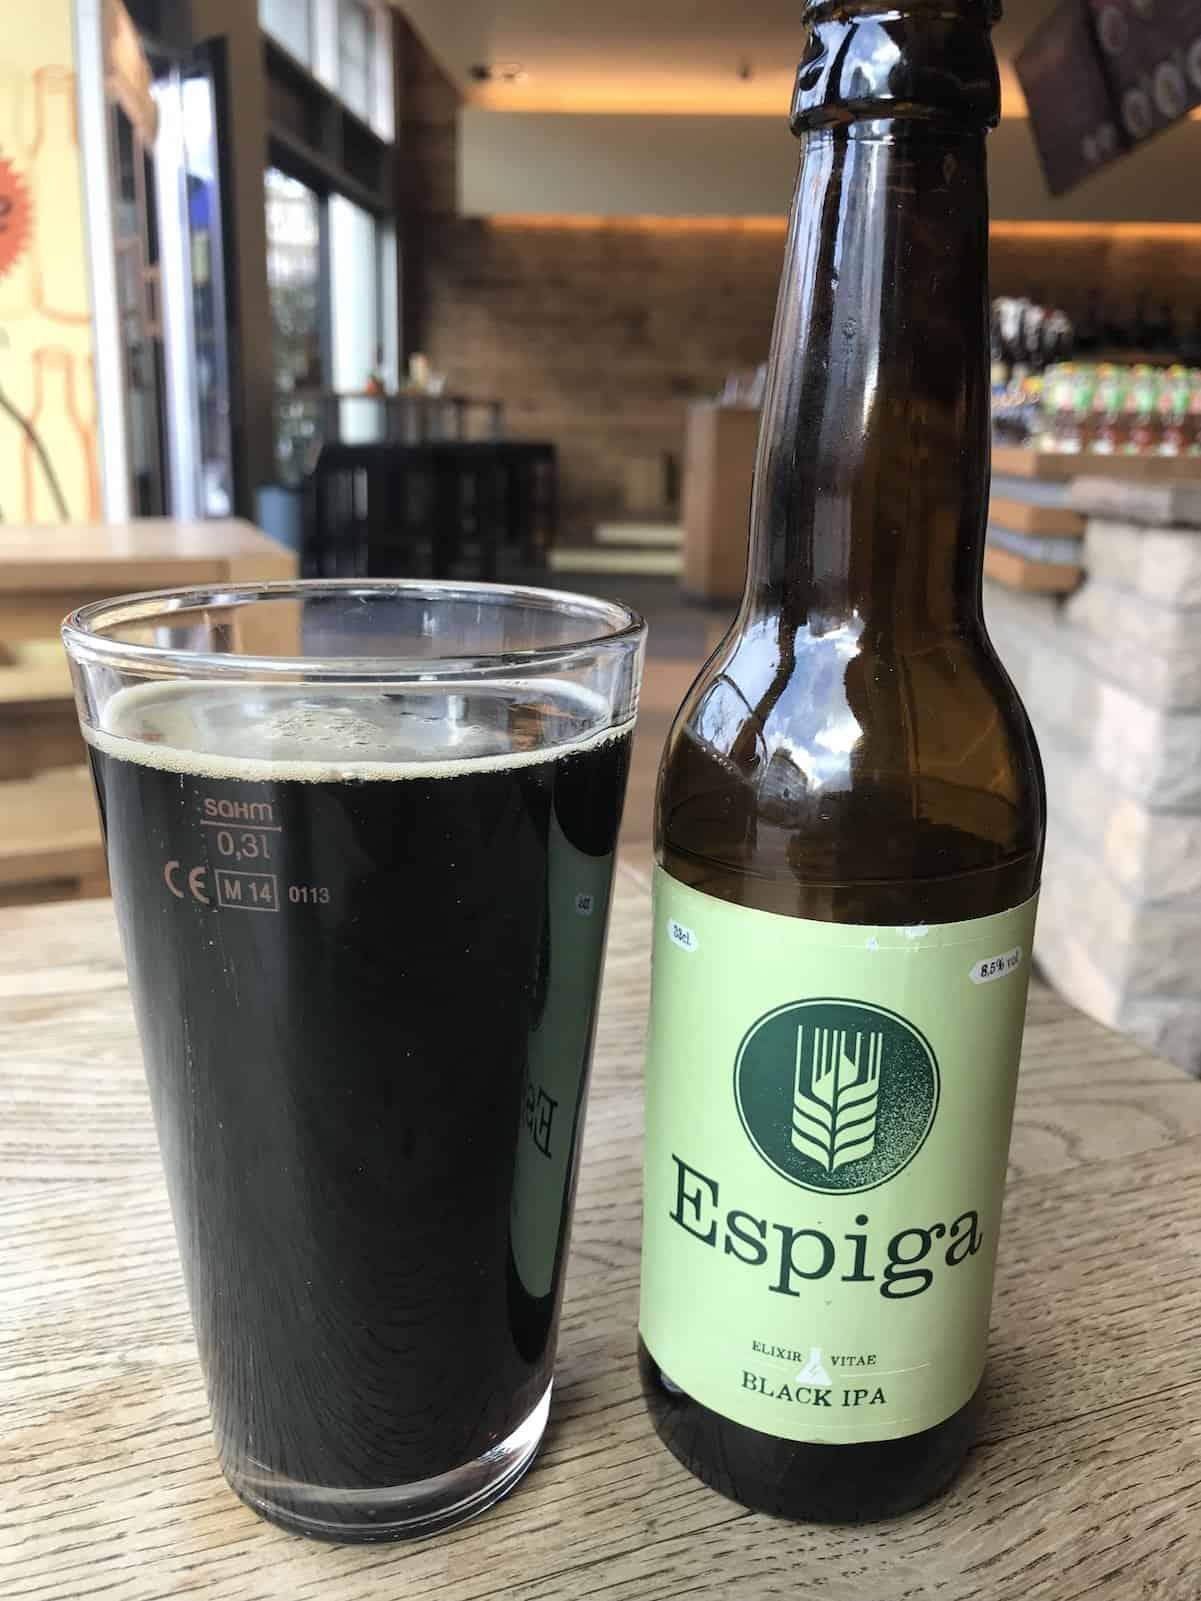 Espiga Black IPA ist derzeit im Kühlschrank vorhanden